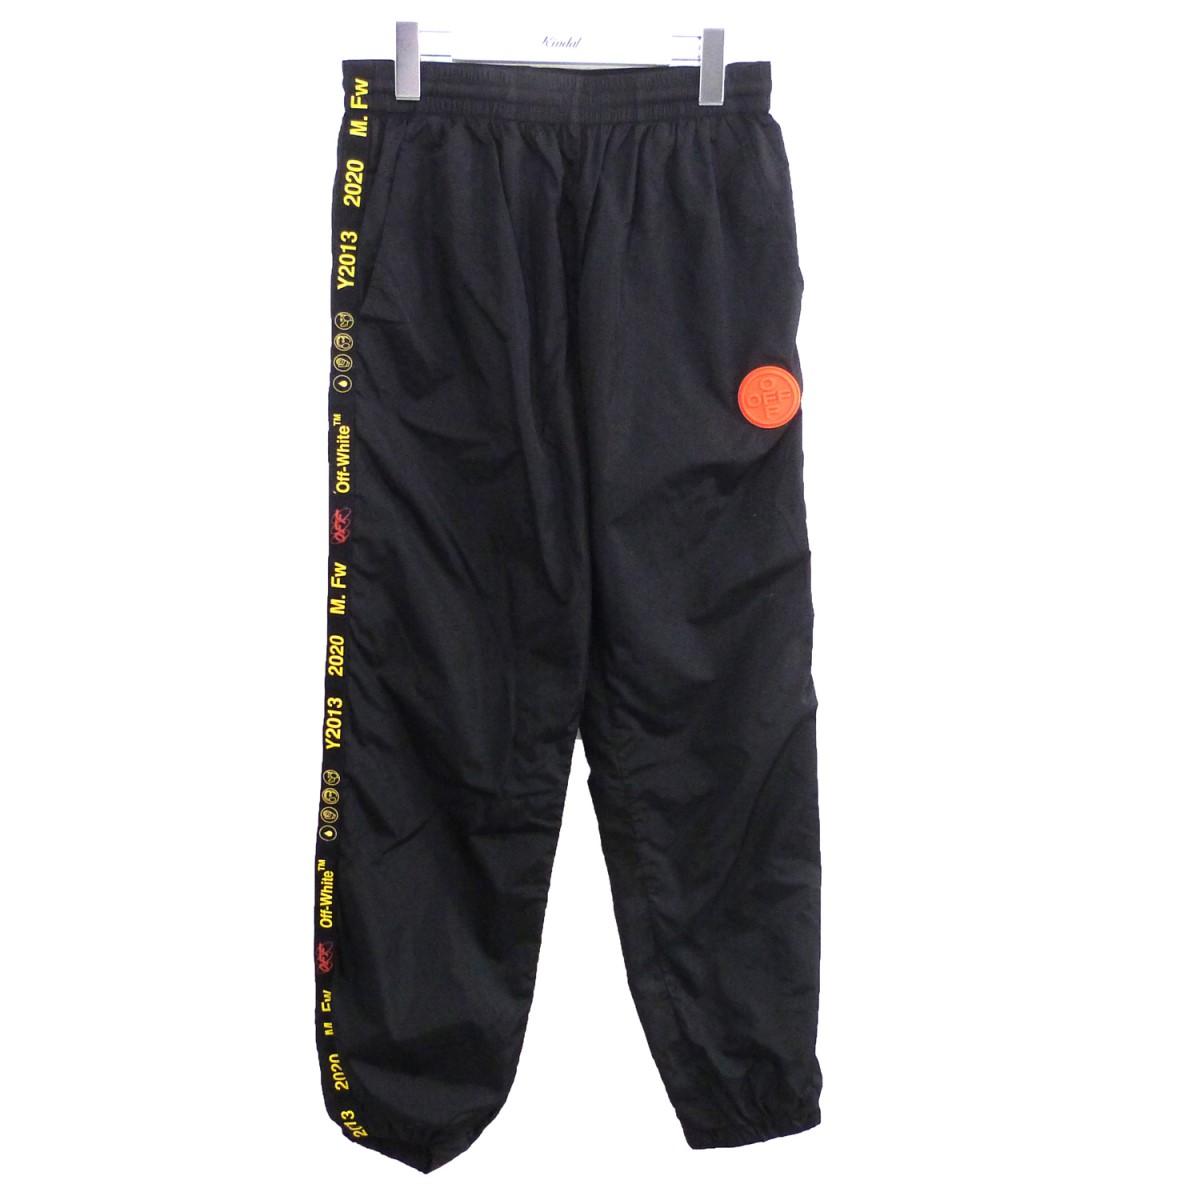 【中古】OFF WHITE 19AW「LOGO TRACK PANTS」ロゴトラックパンツ ブラック サイズ:L 【160720】(オフホワイト)